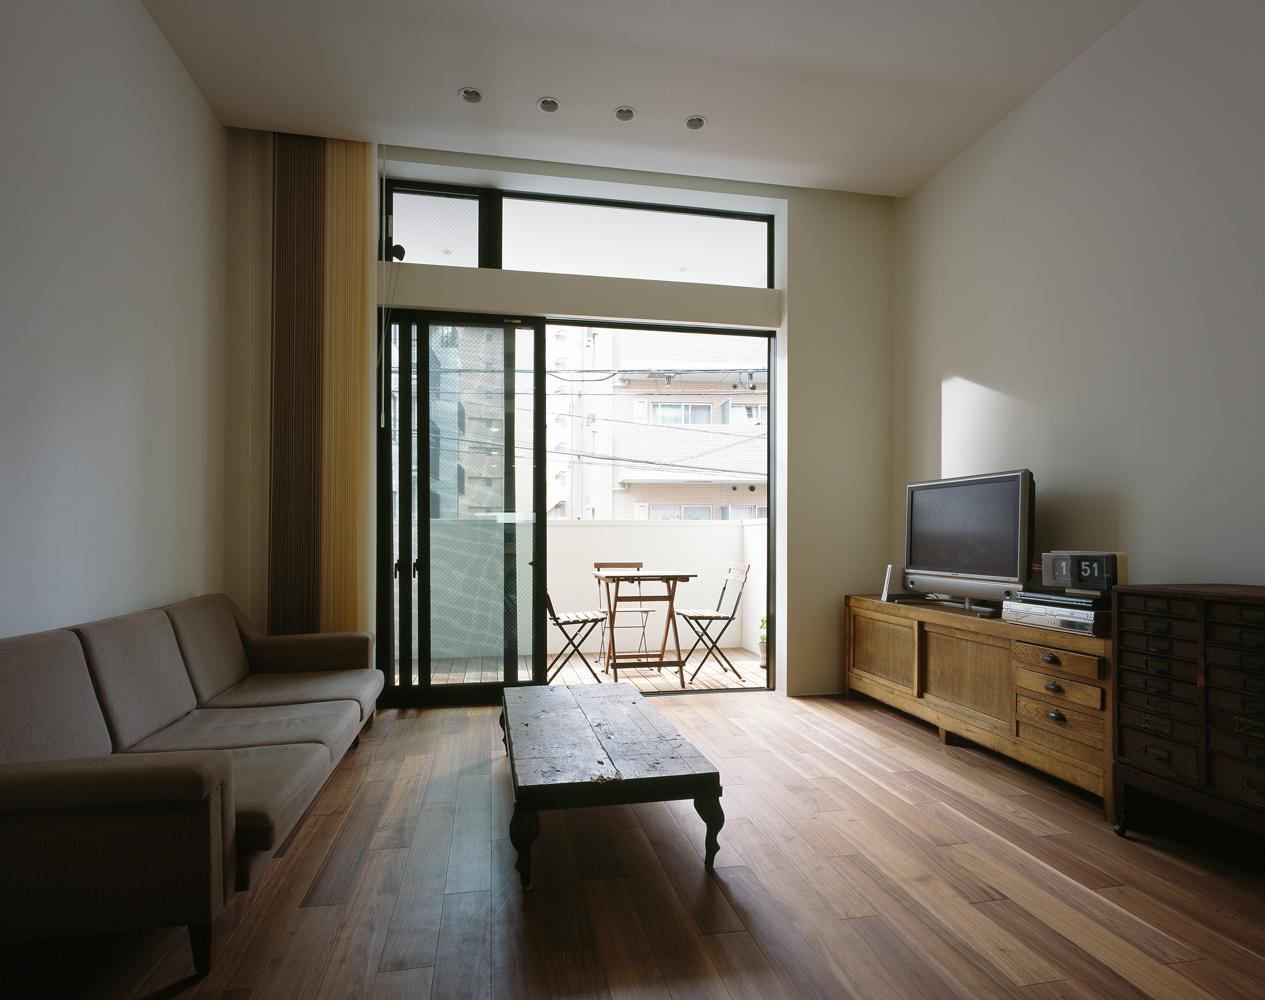 思い入れのあるビンテージ家具にやさしい光が注ぐリビング-fevecasa